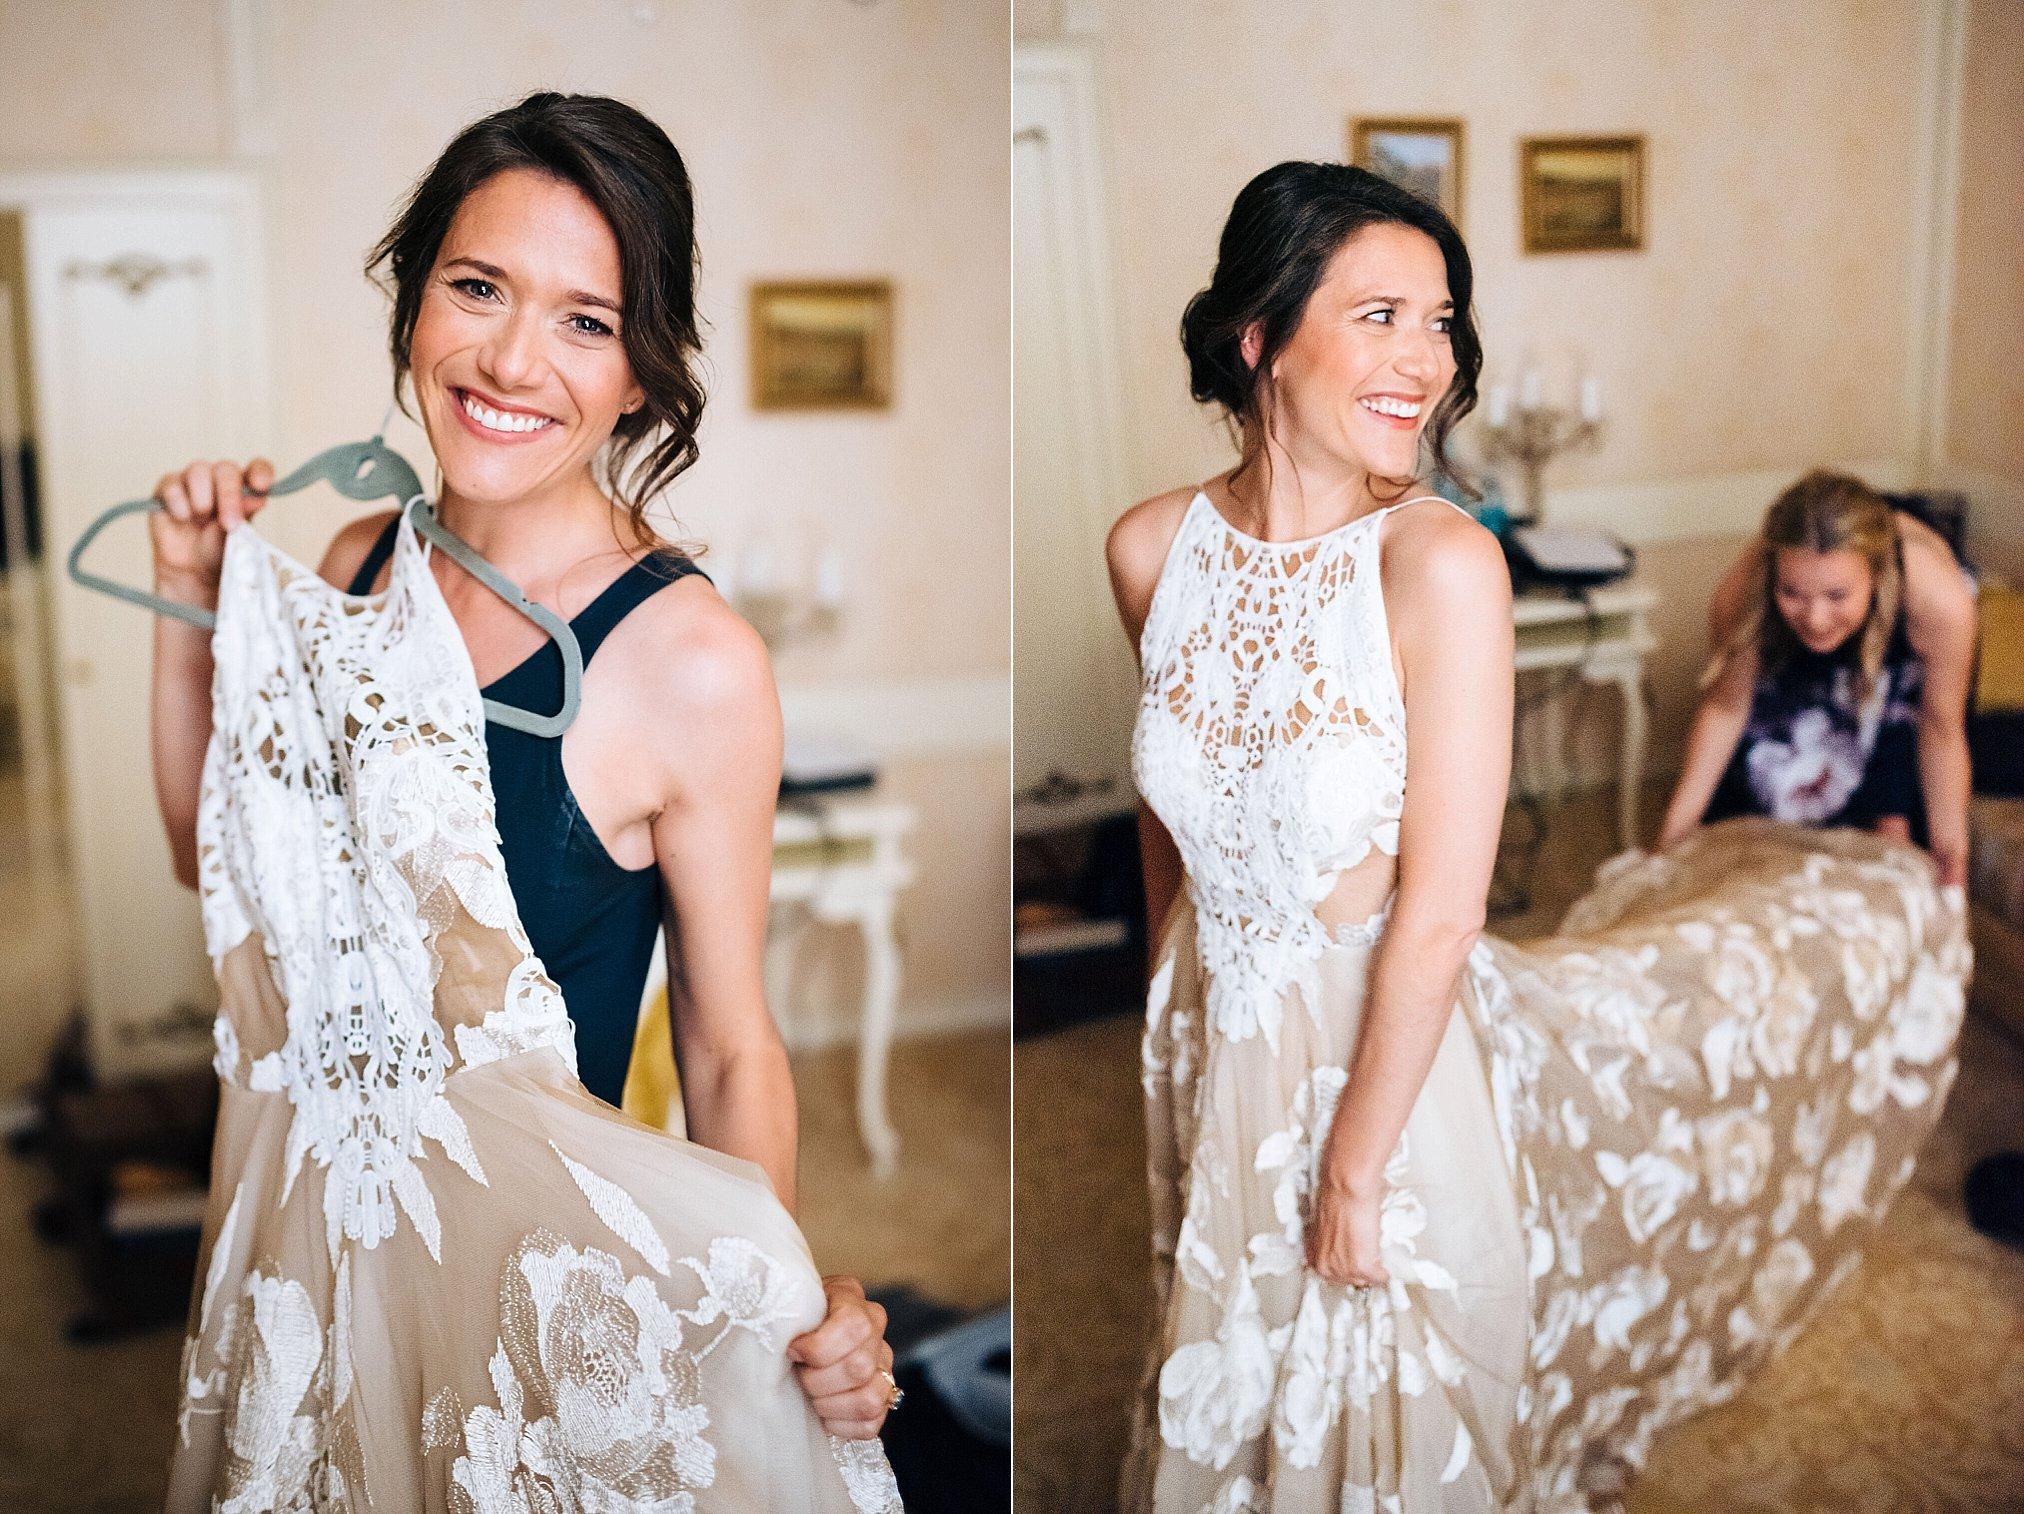 Hochzeit-Salonplafond_0101.jpg